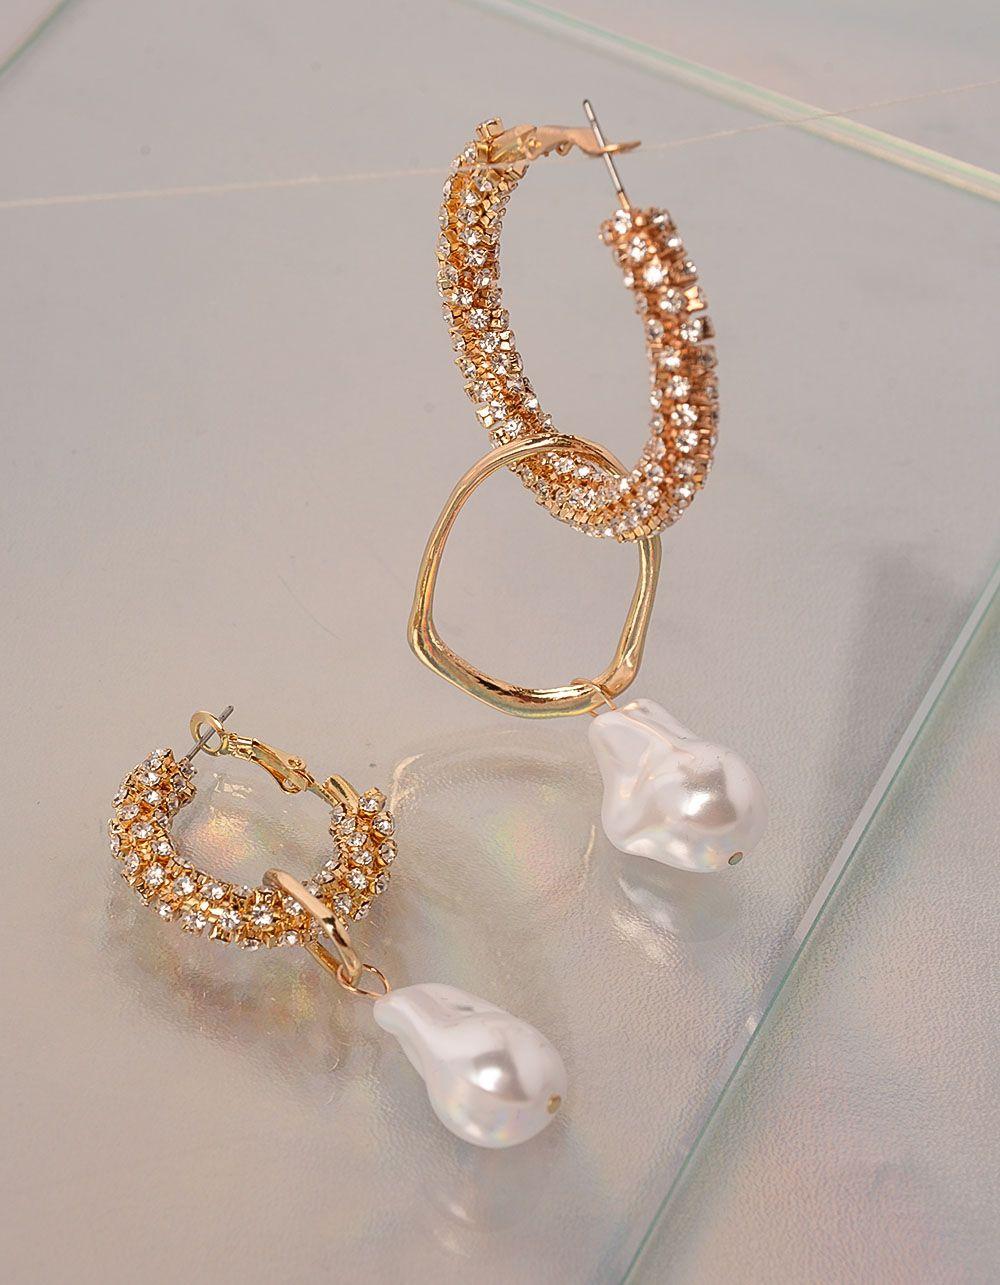 Сережки фігурні з перлинами | 238905-08-XX